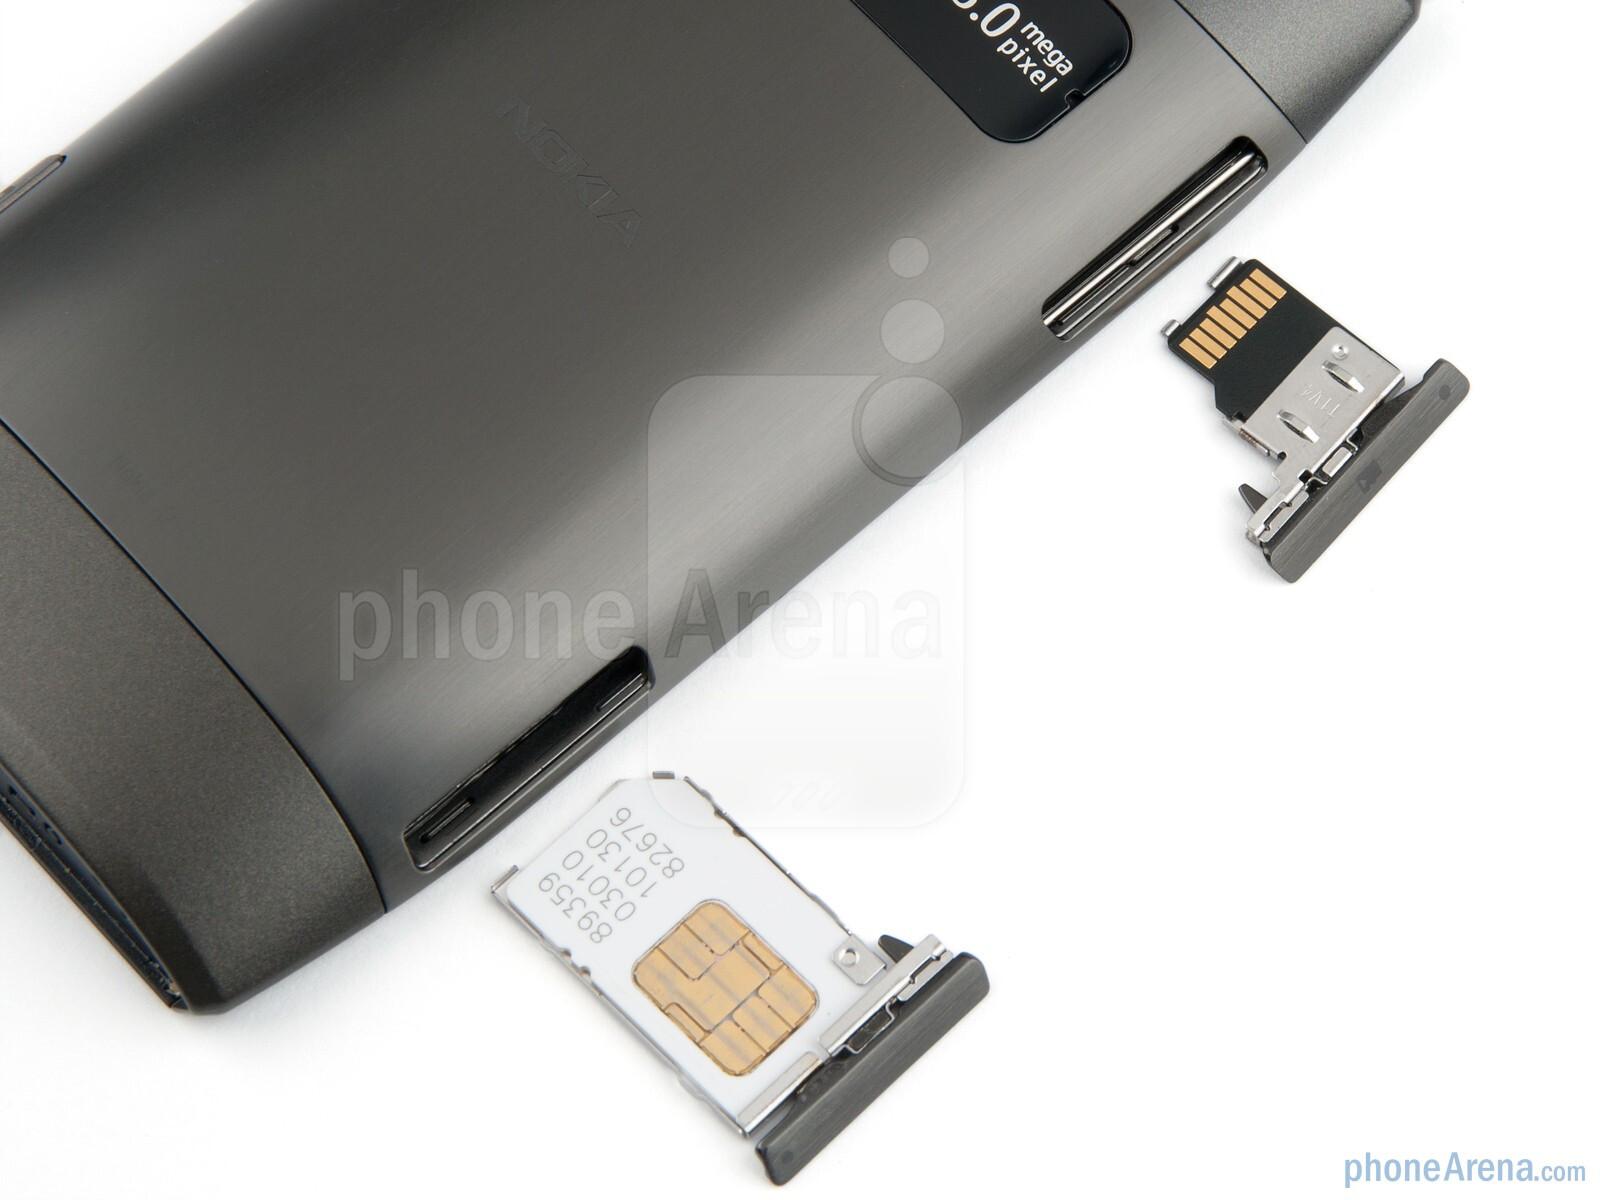 Nokia x7 00 software - Nokia X7 00 Software 51